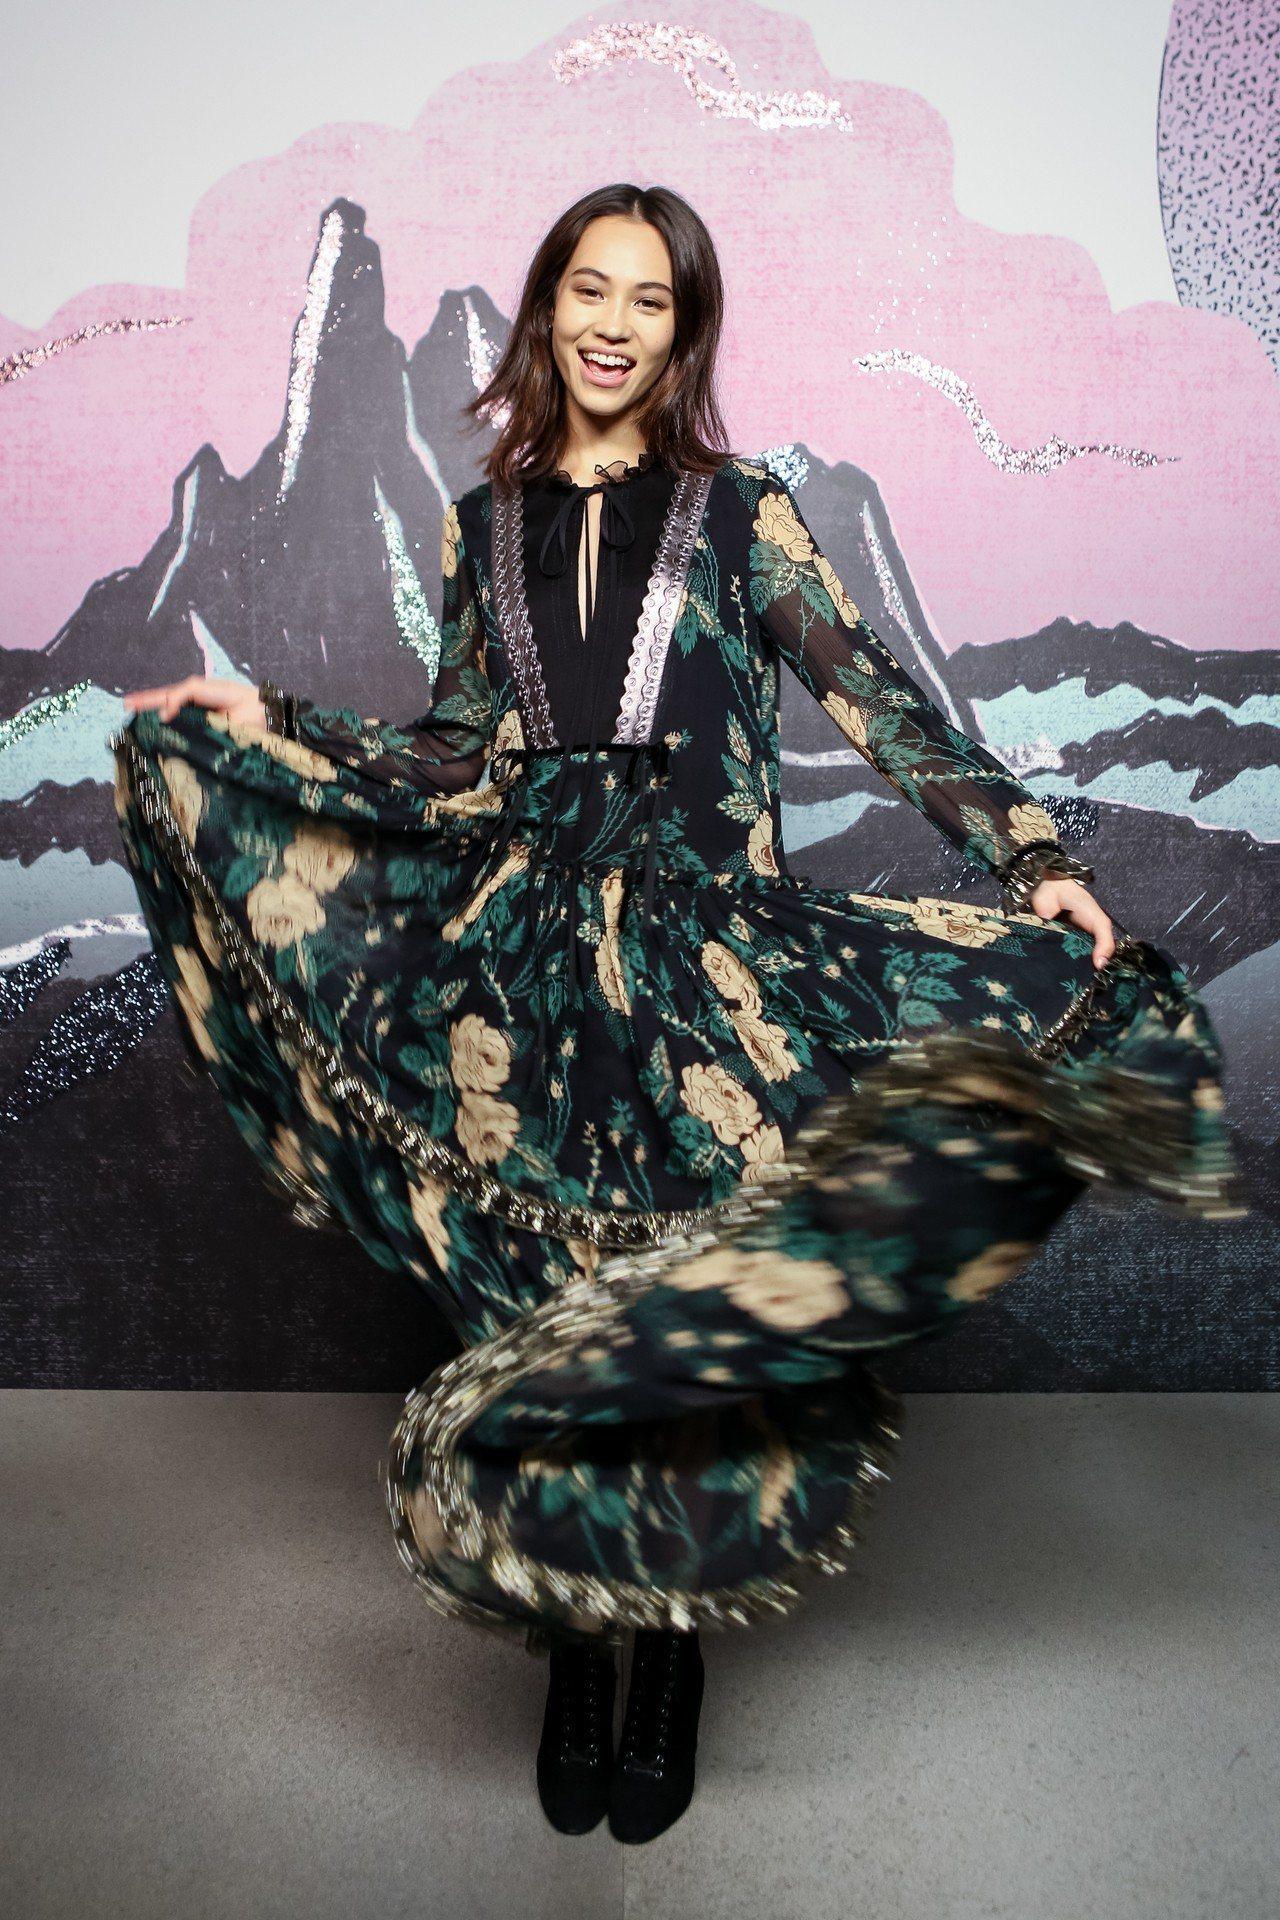 俏皮的水原希子出席COACH在紐約時裝秀發表。圖/COACH提供 楊詩涵